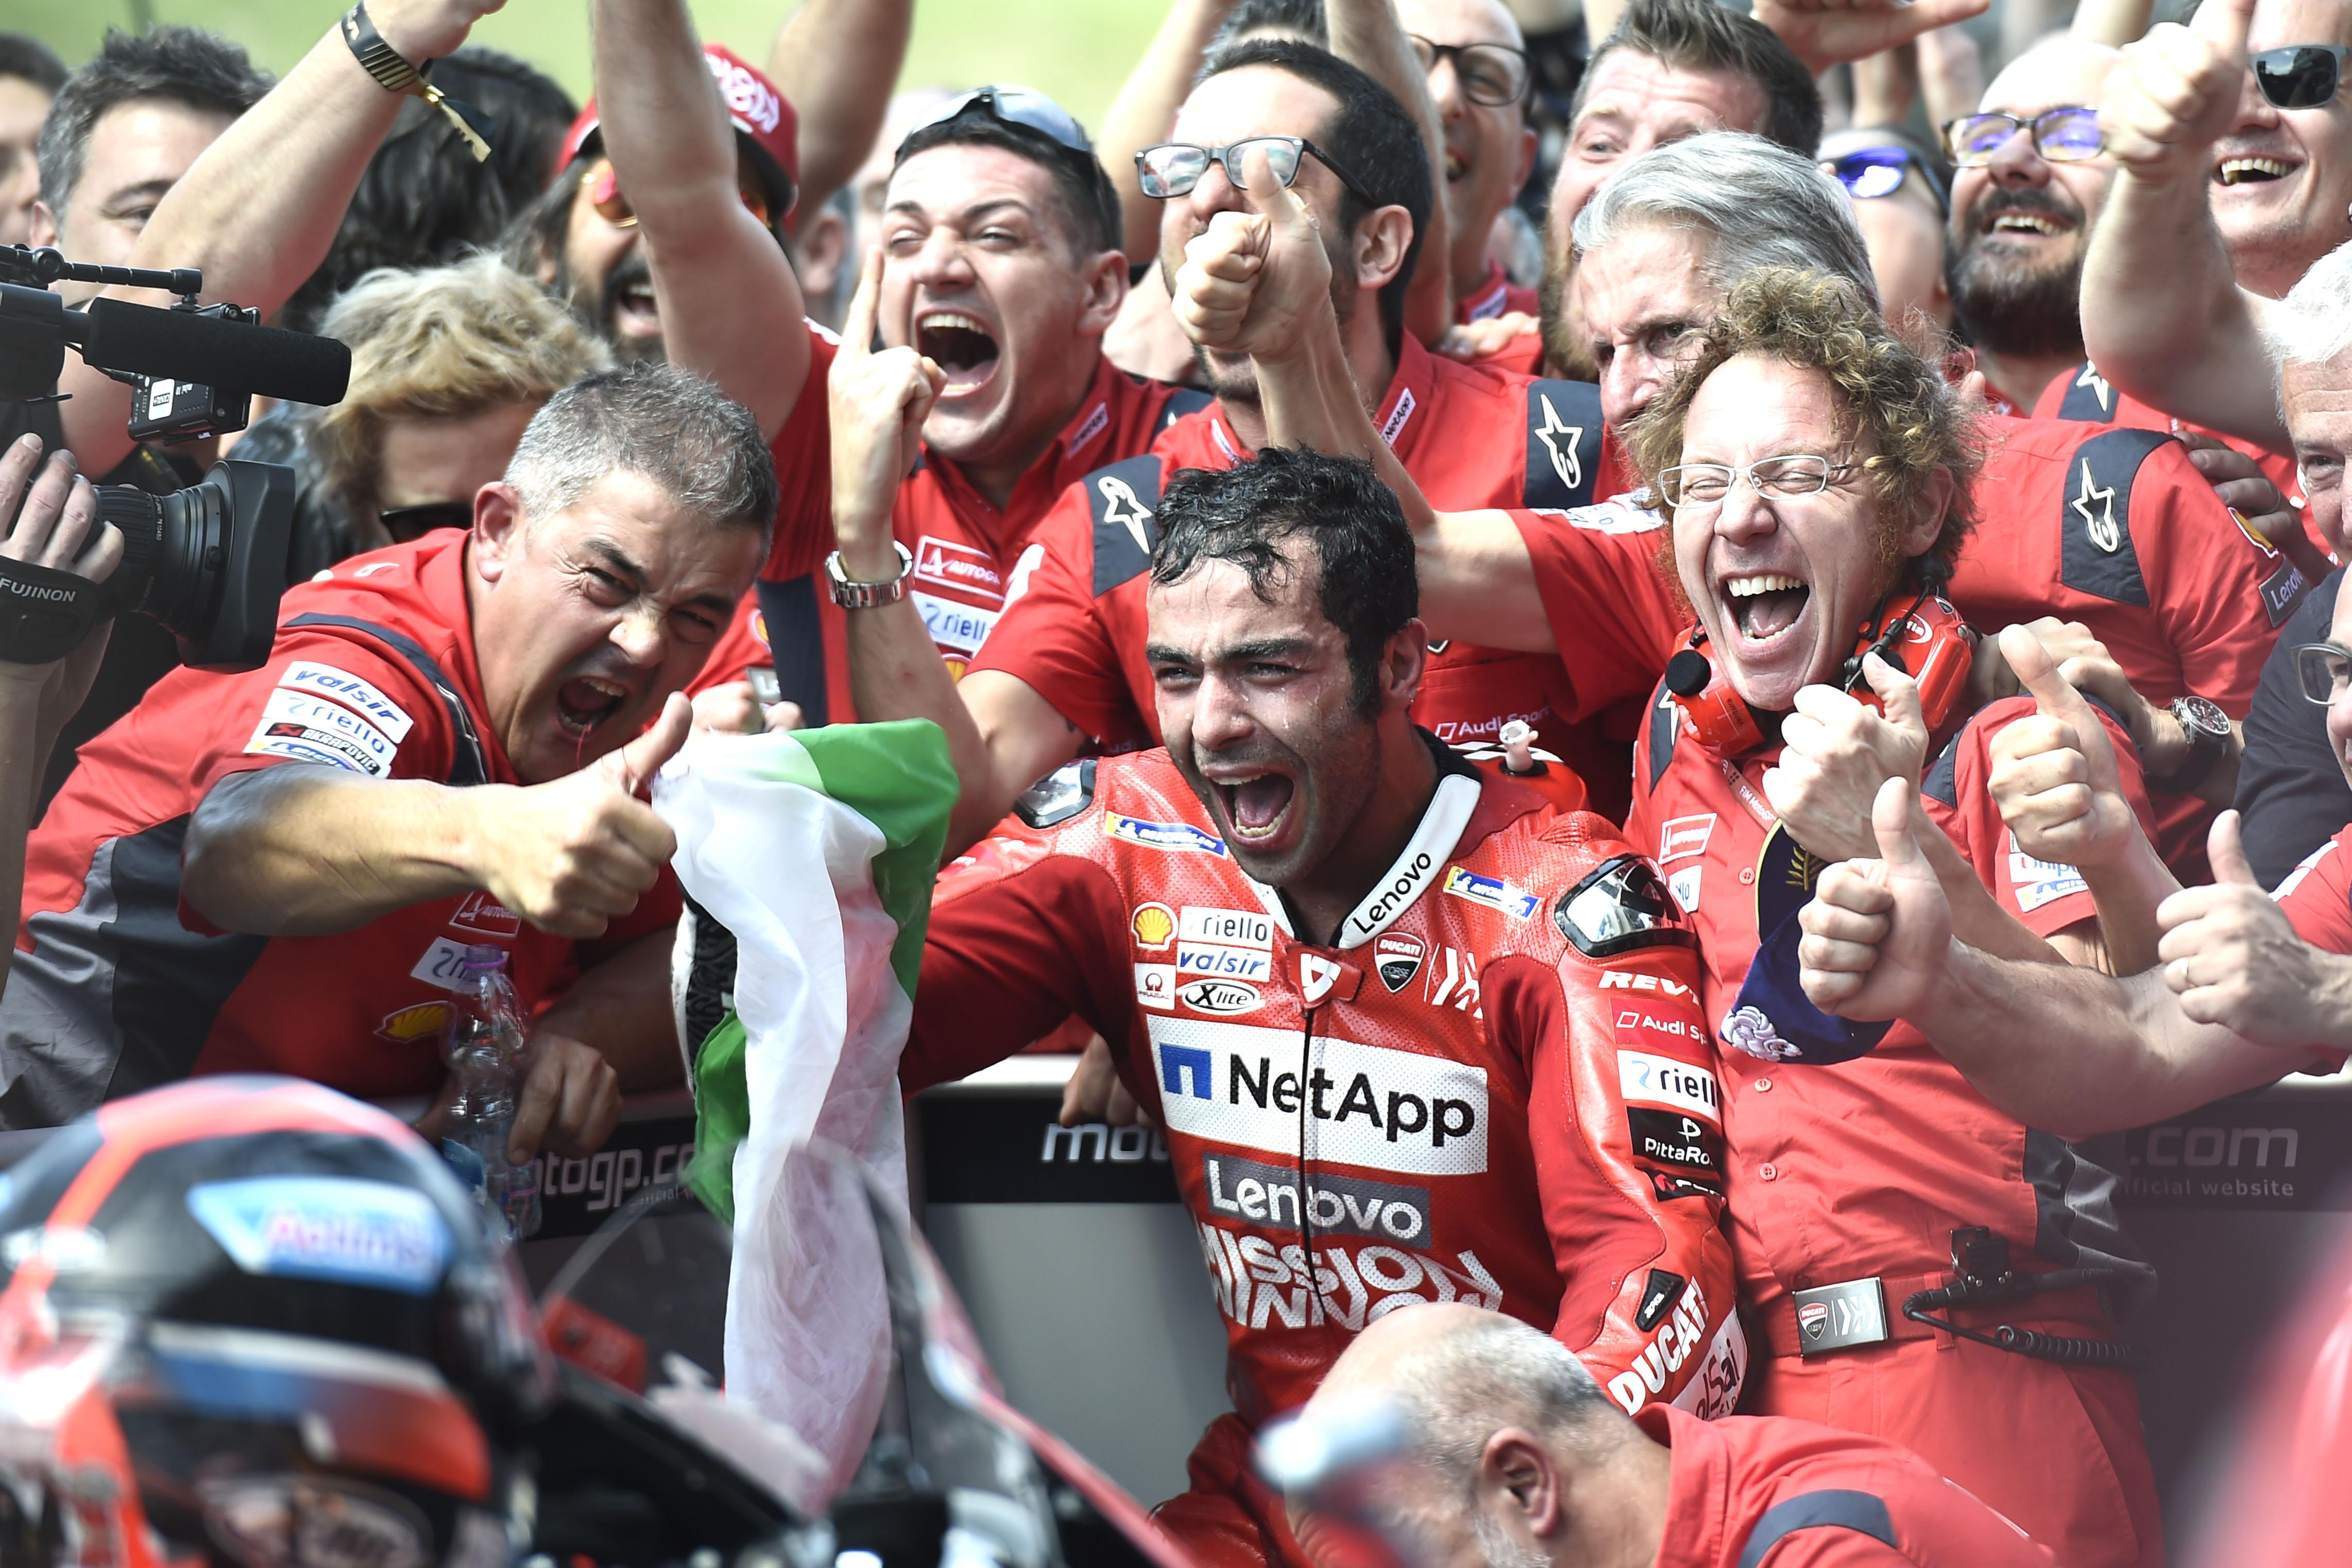 Danilo Petrucci wins Mugello MotoGP 2019